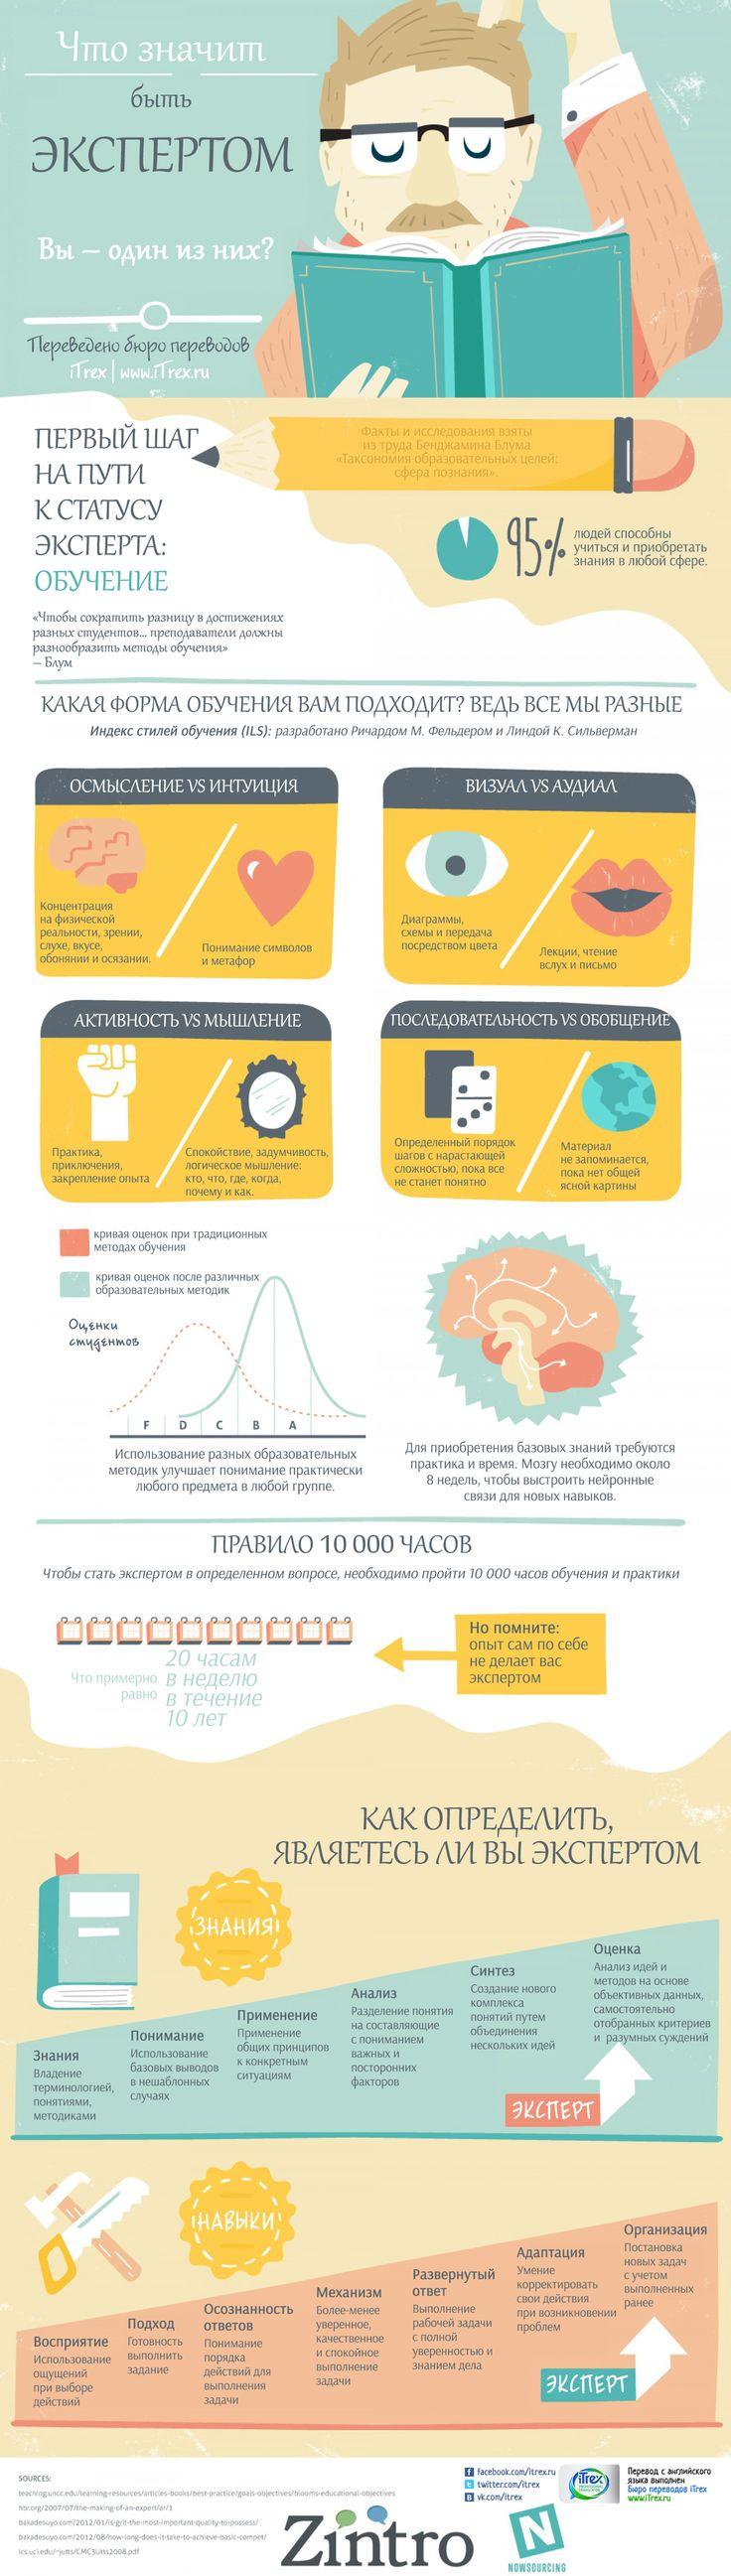 Инфографика для тех, кто считает себя экспертом в чем-либо. И для тех, кто хочет экспертом стать. http://itrex.ru/news/chto-znachit-bit-ekspertom